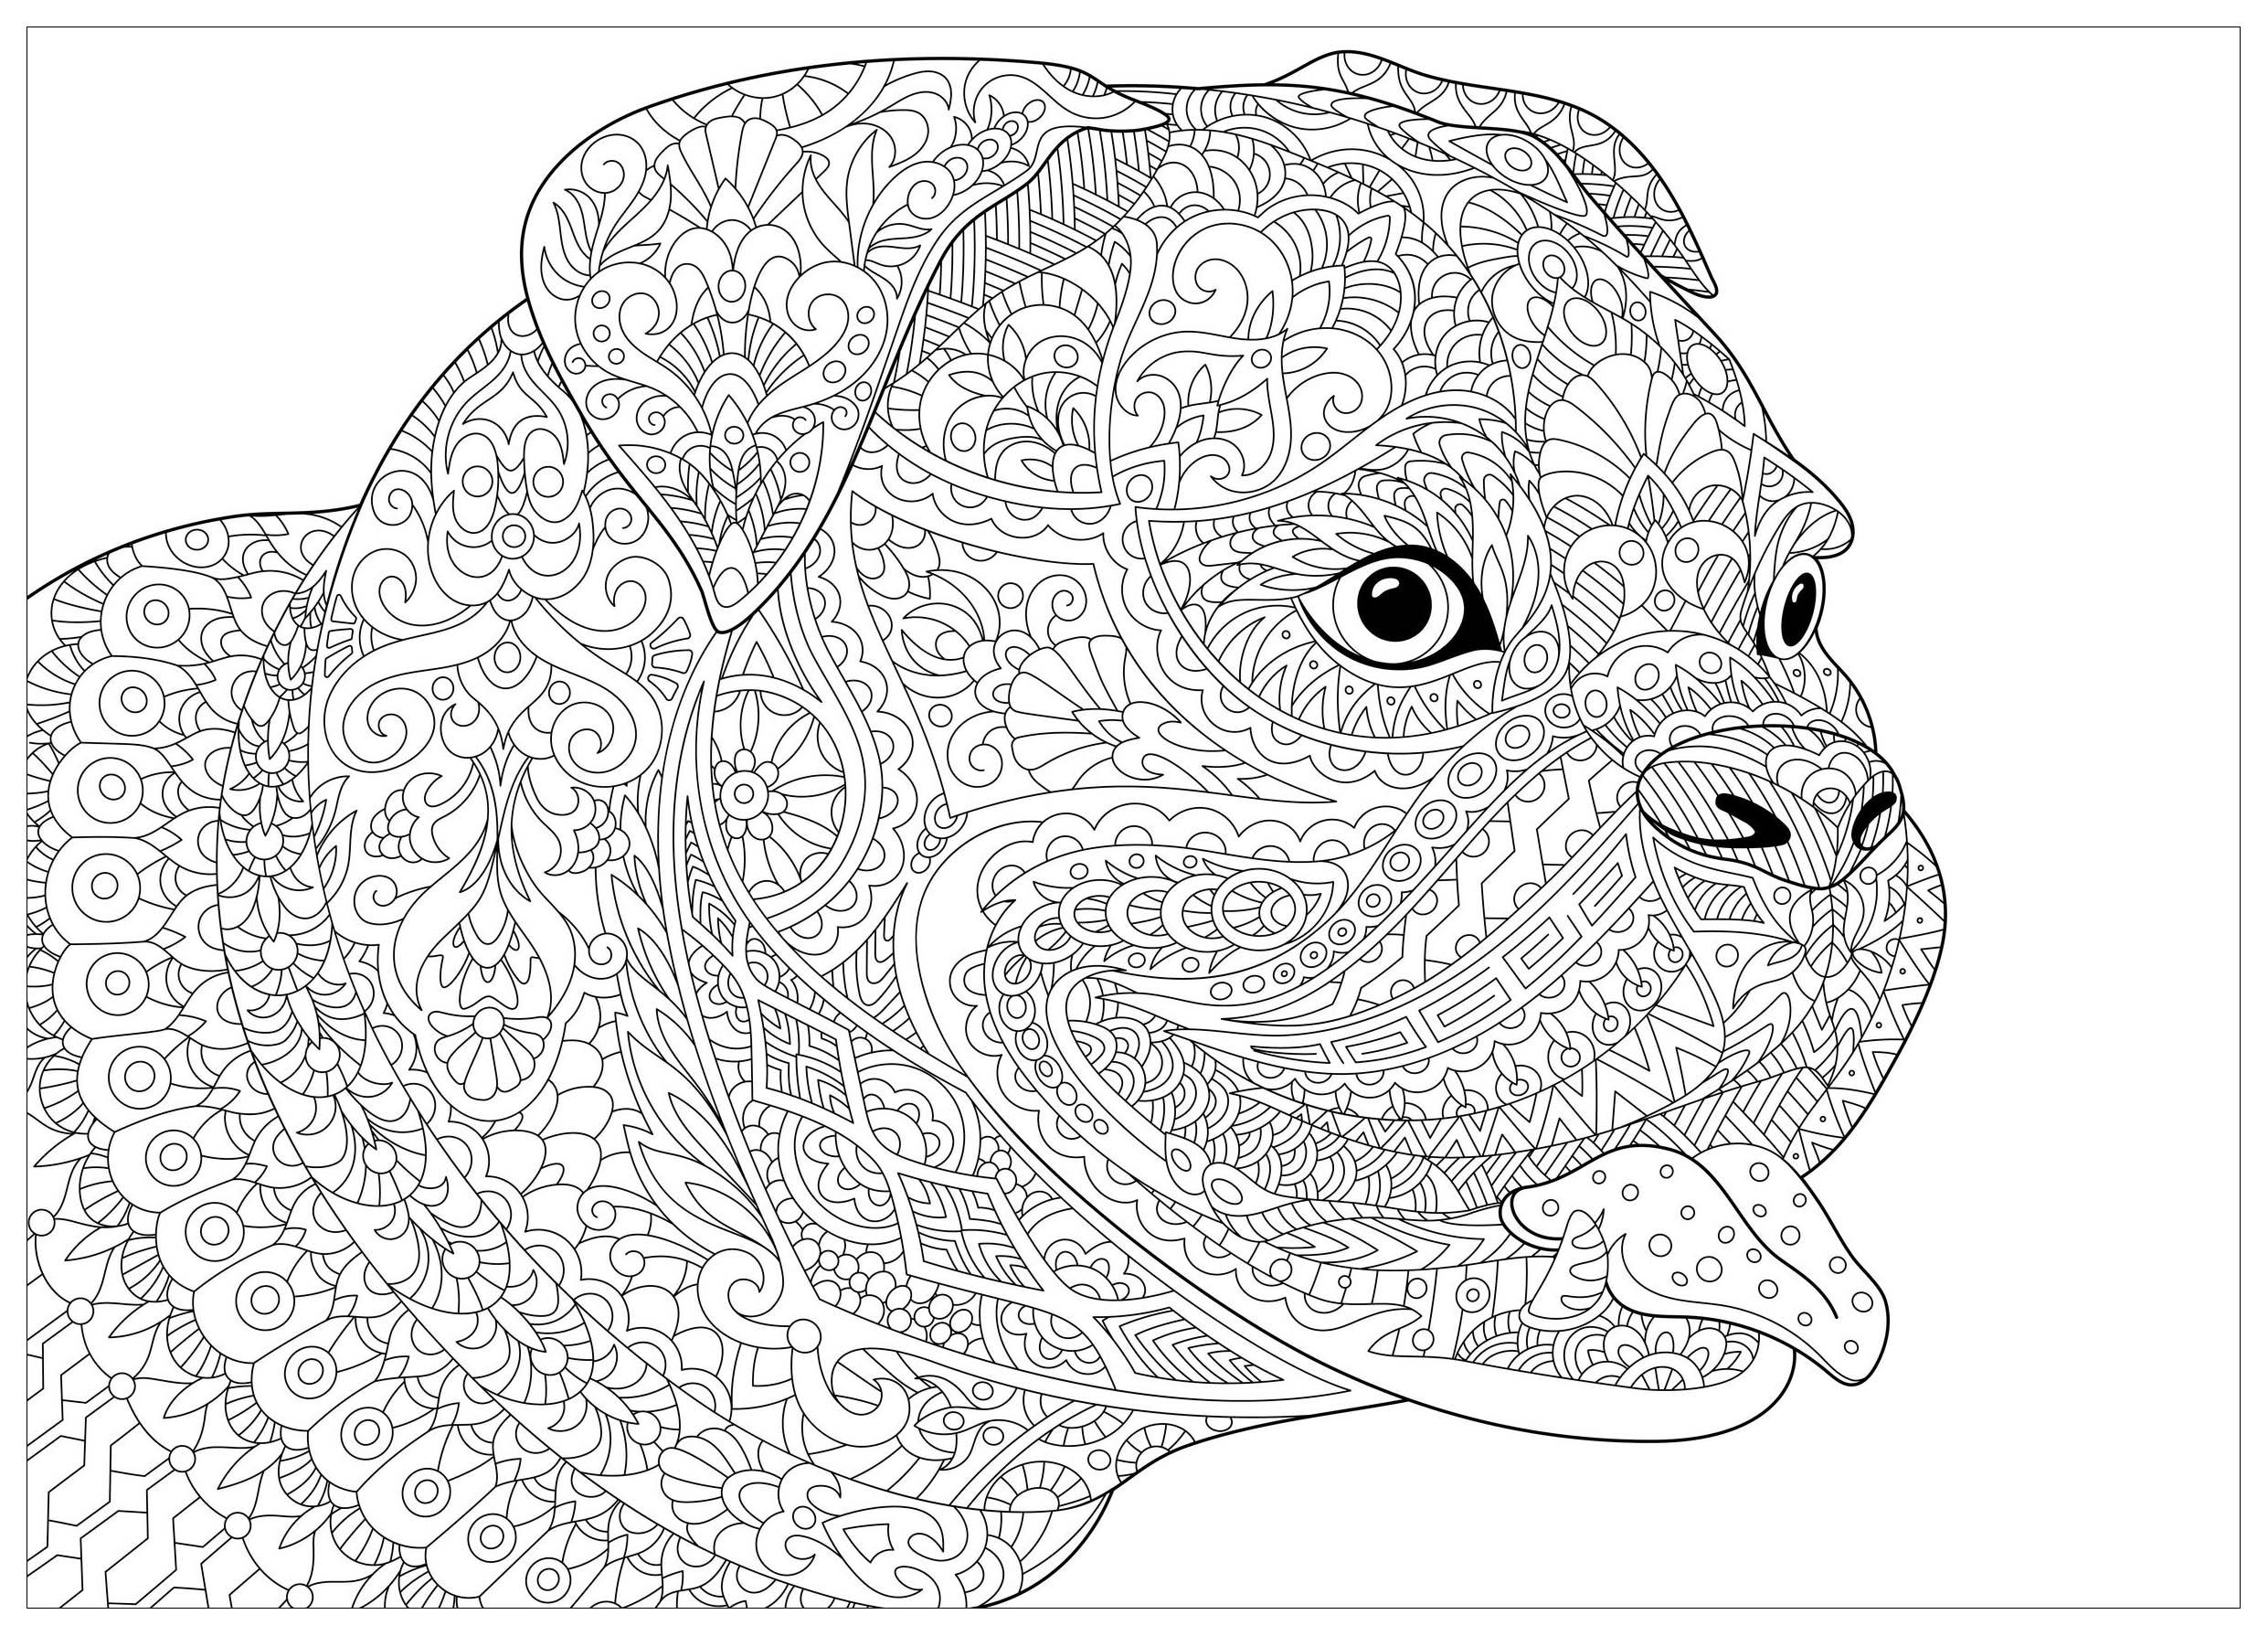 Cani 82875 cani disegni da colorare per adulti for Animali da colorare per adulti